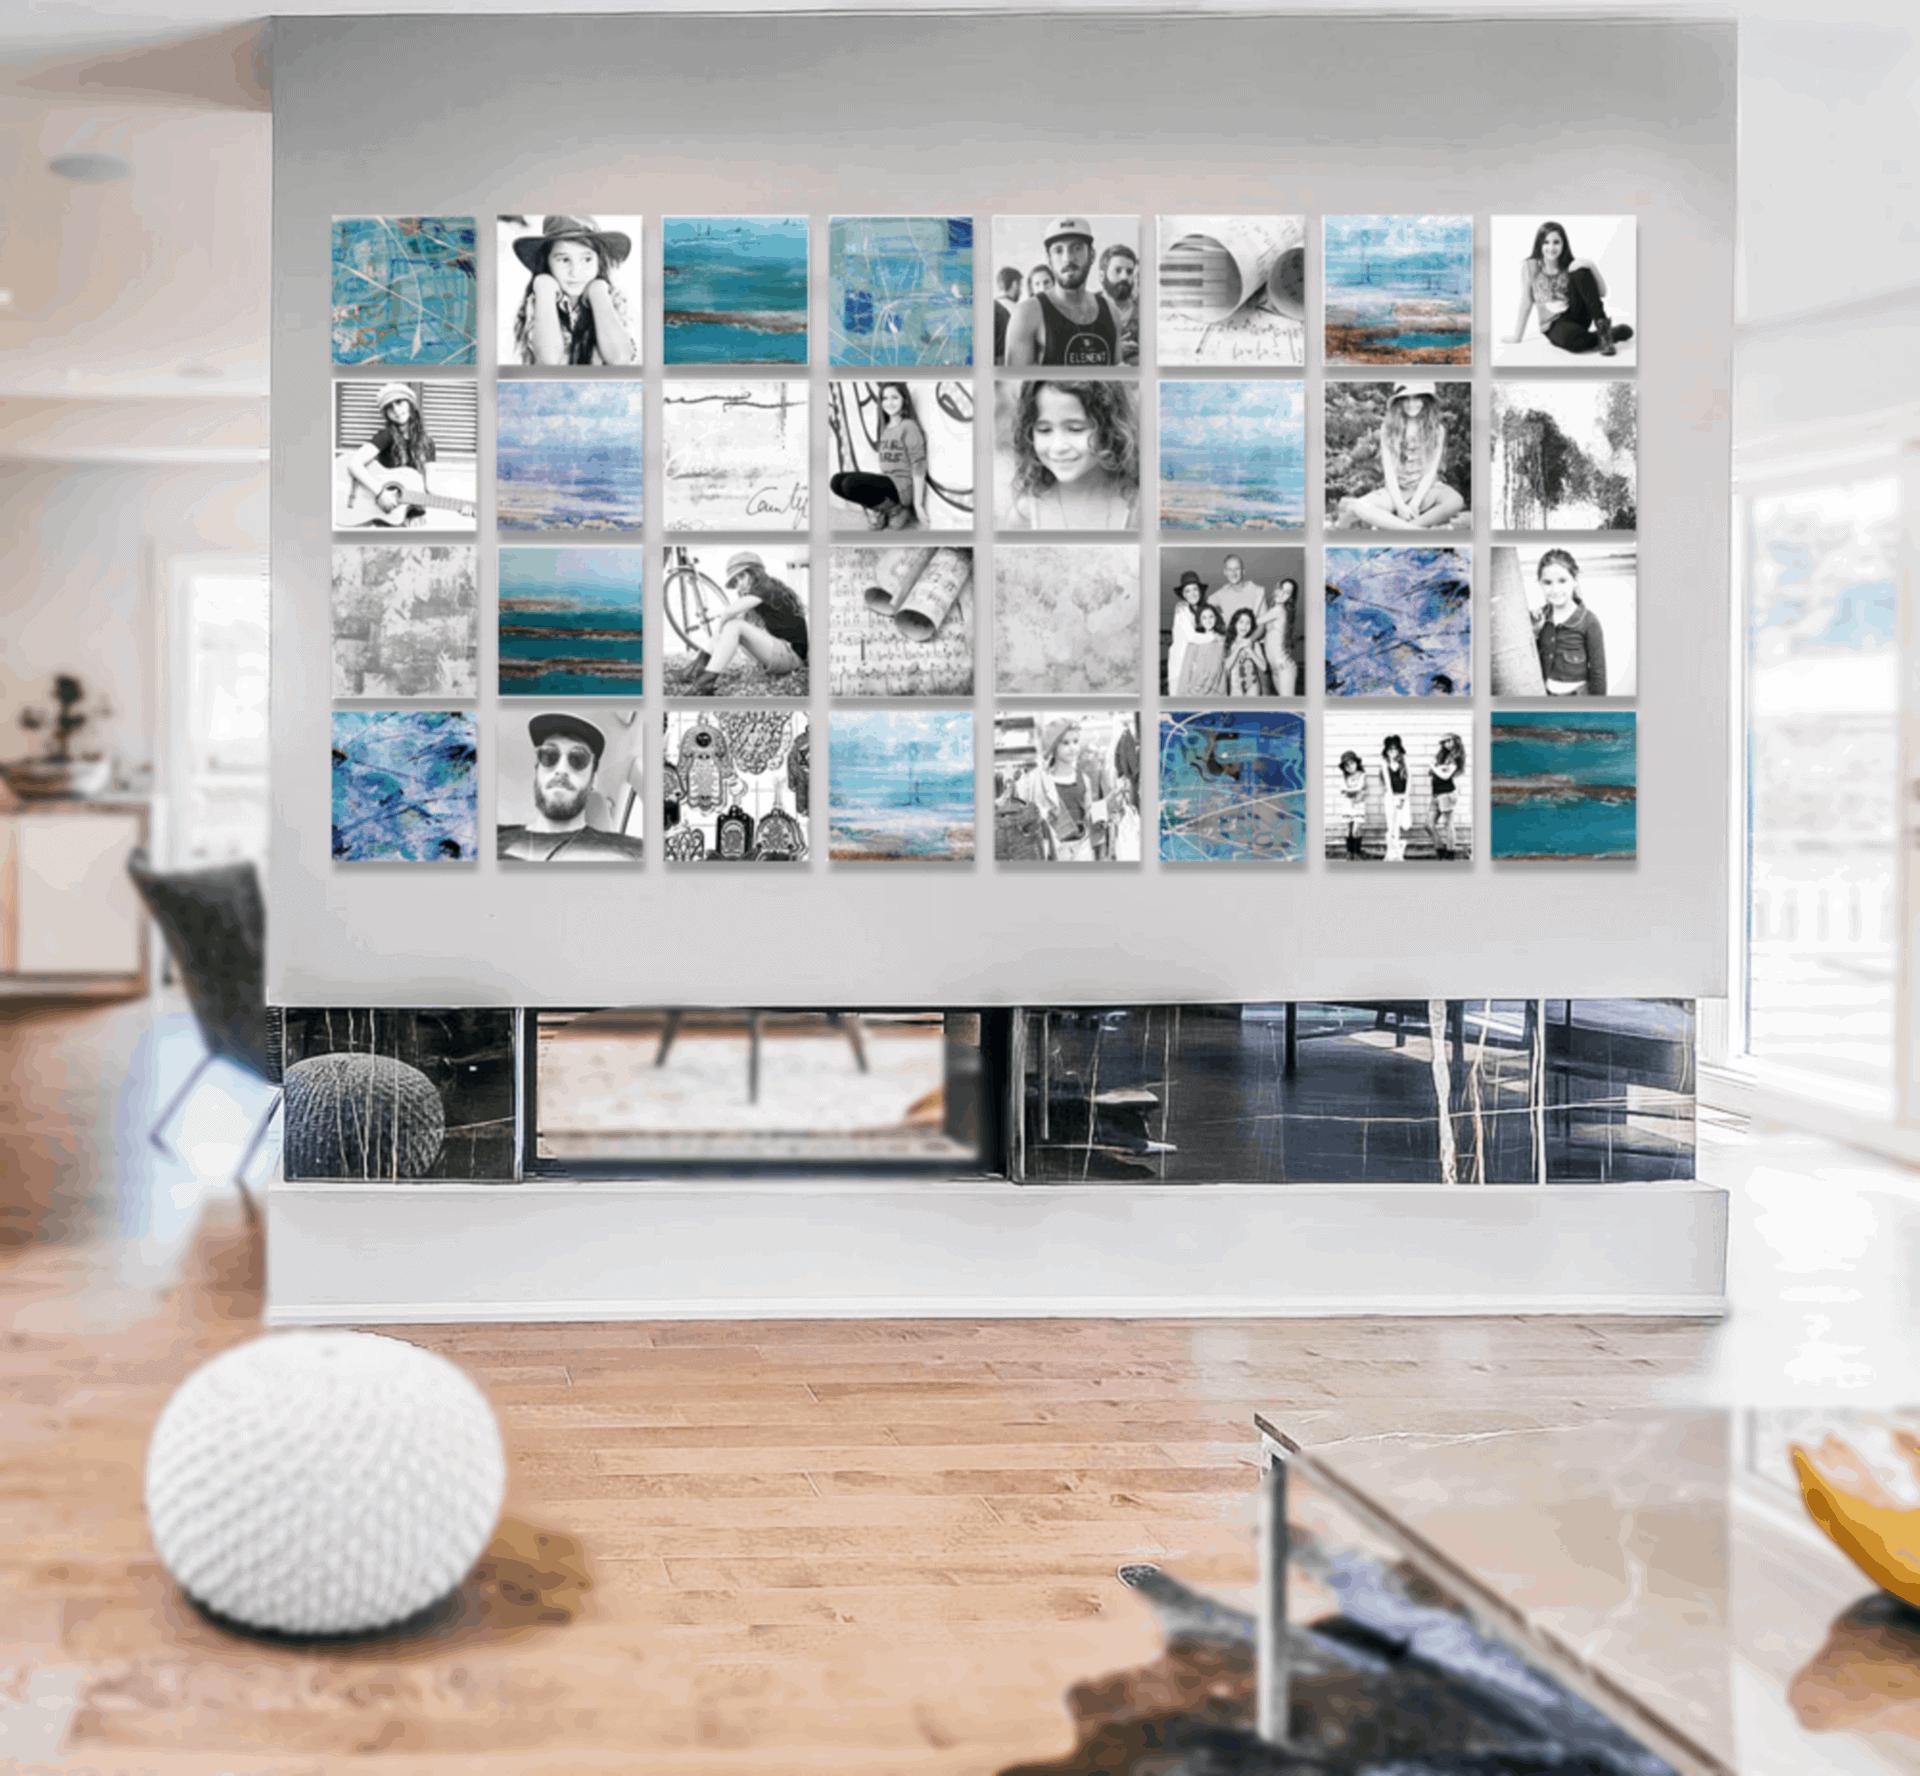 קיר משפחה – קיר הכוח של הבית